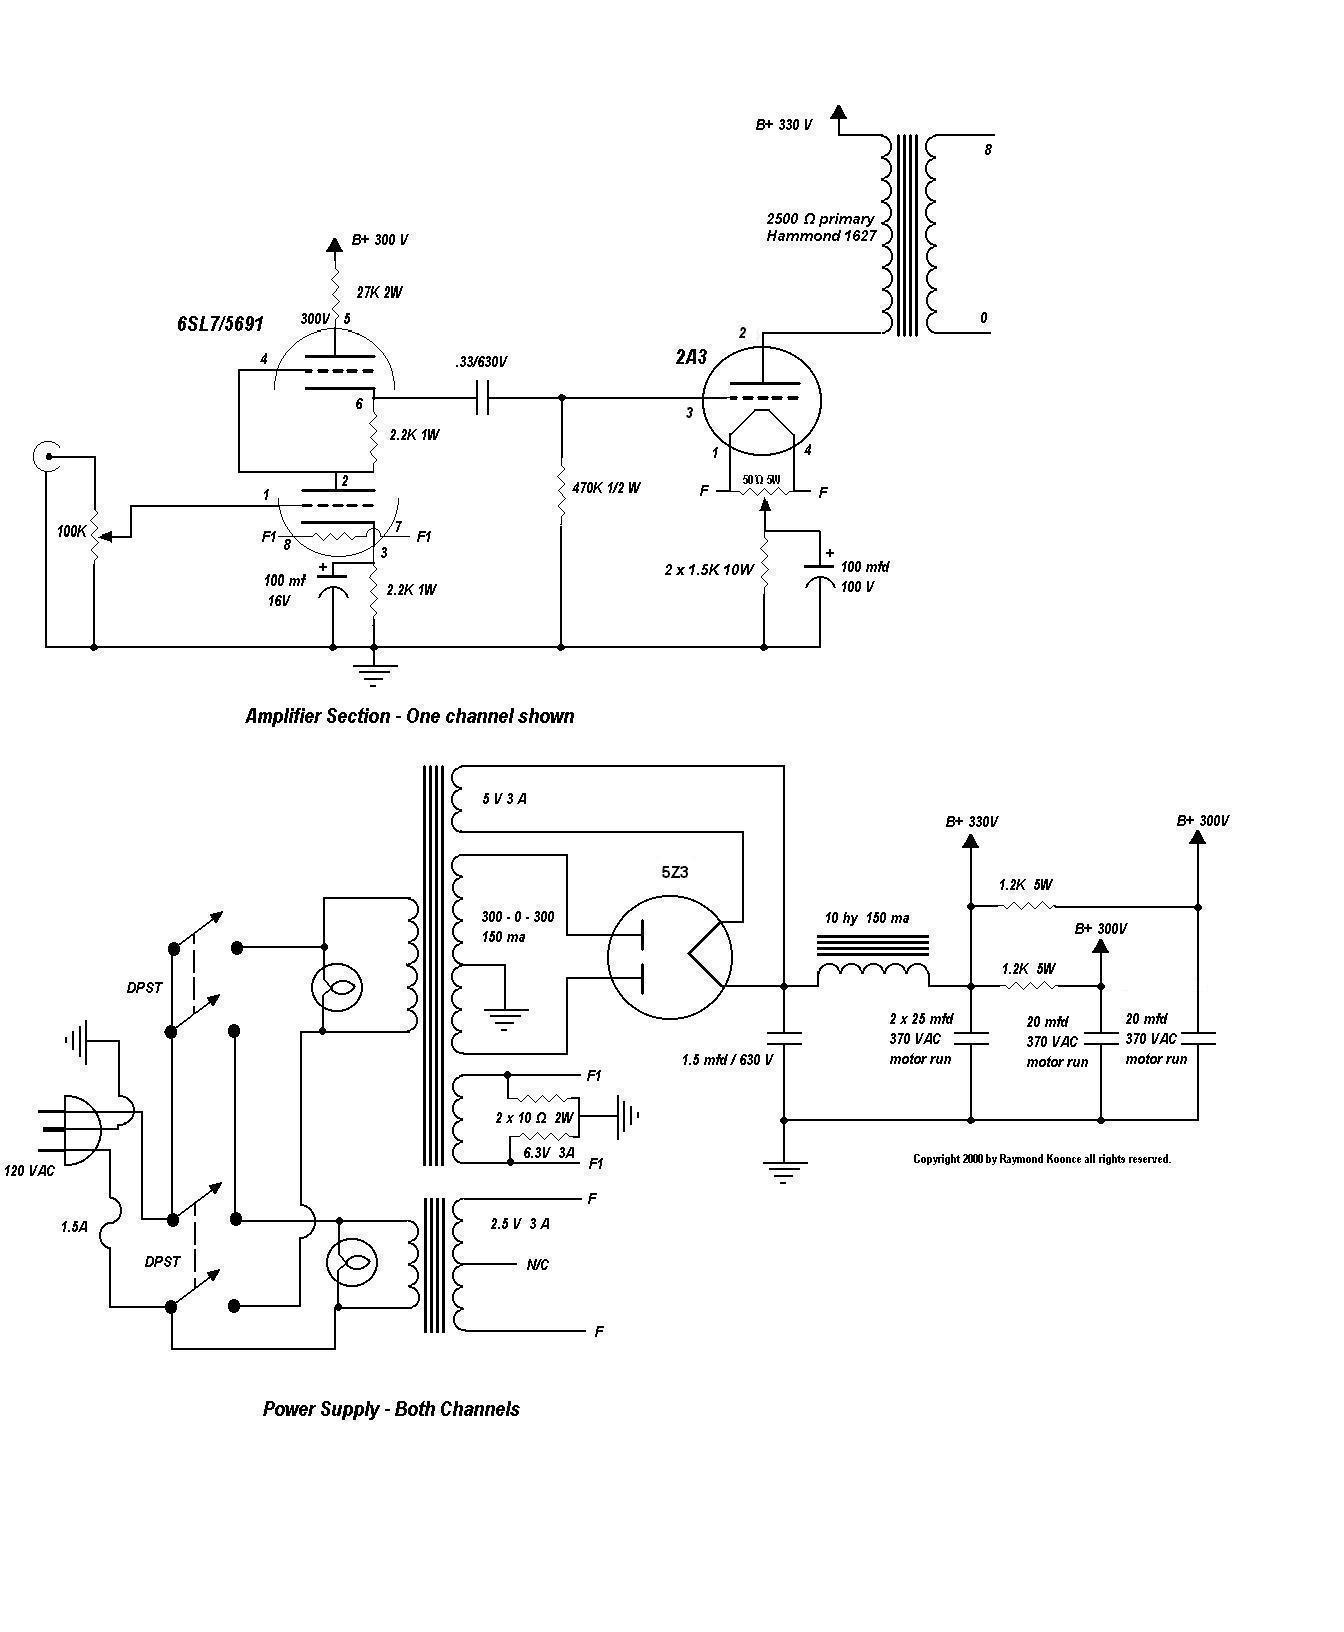 schematic_2a3_se.jpg